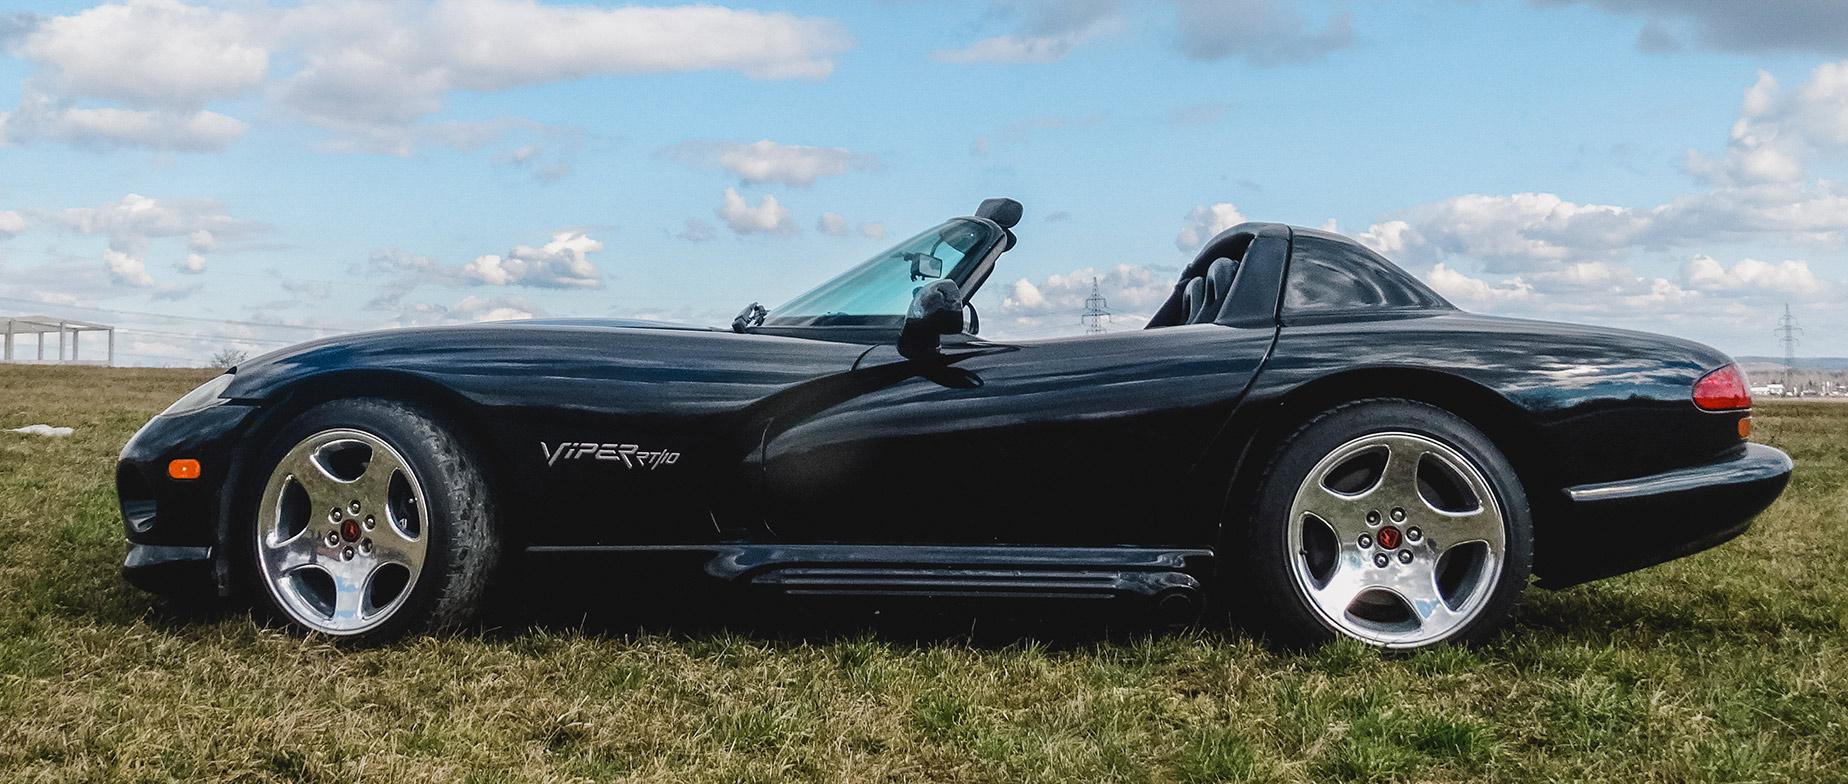 Dodge Viper élményautózás a Drx Ringen